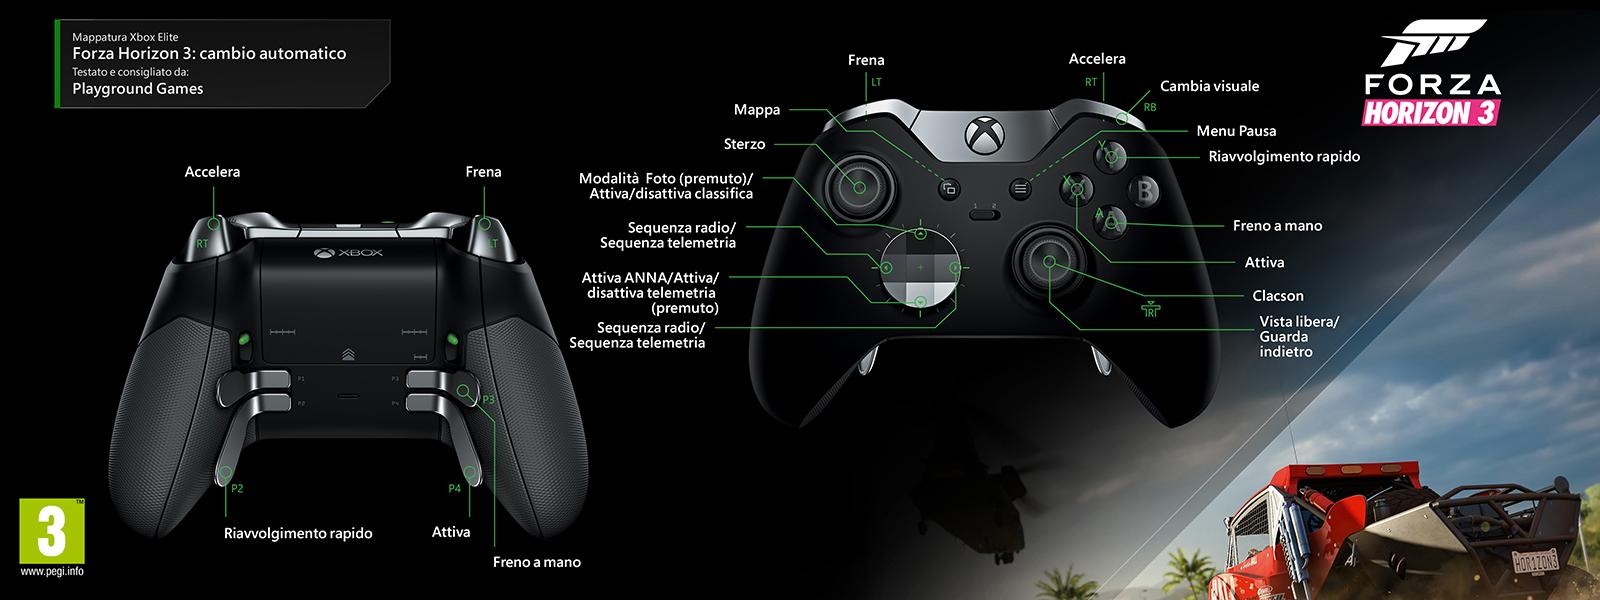 Forza Horizon 3 - Mappatura Elite per il cambio automatico